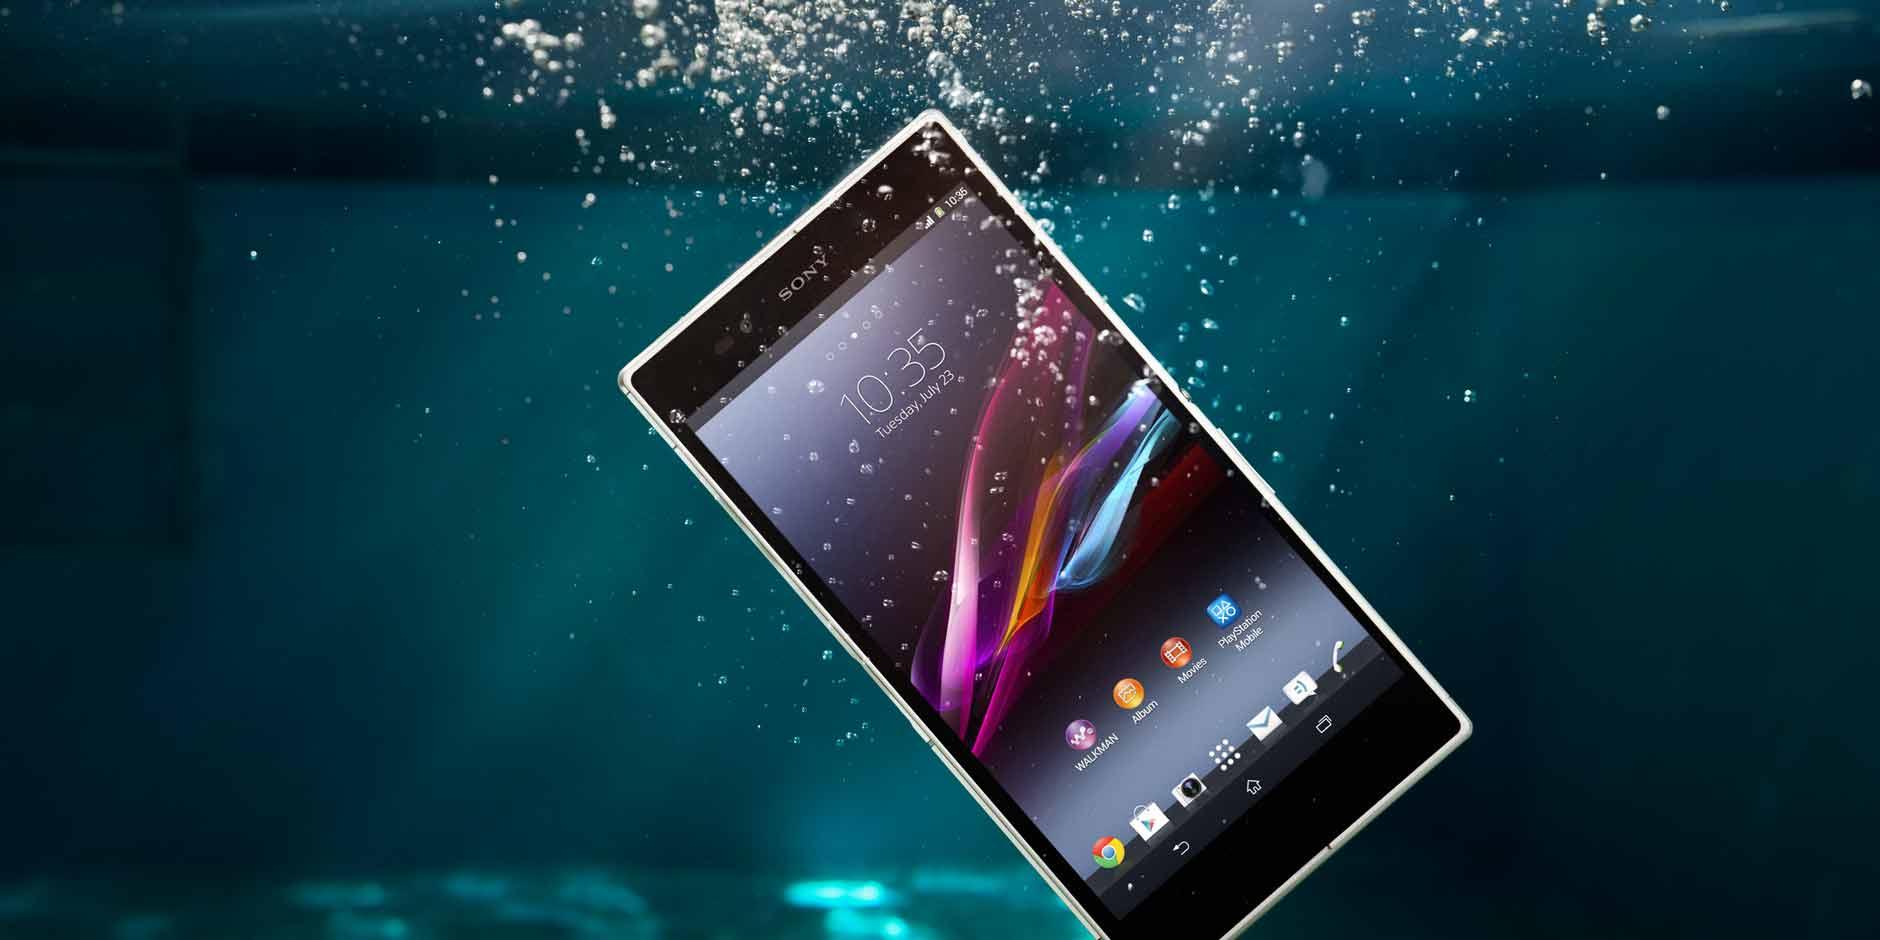 Sony Xperia Z Ultra (9)